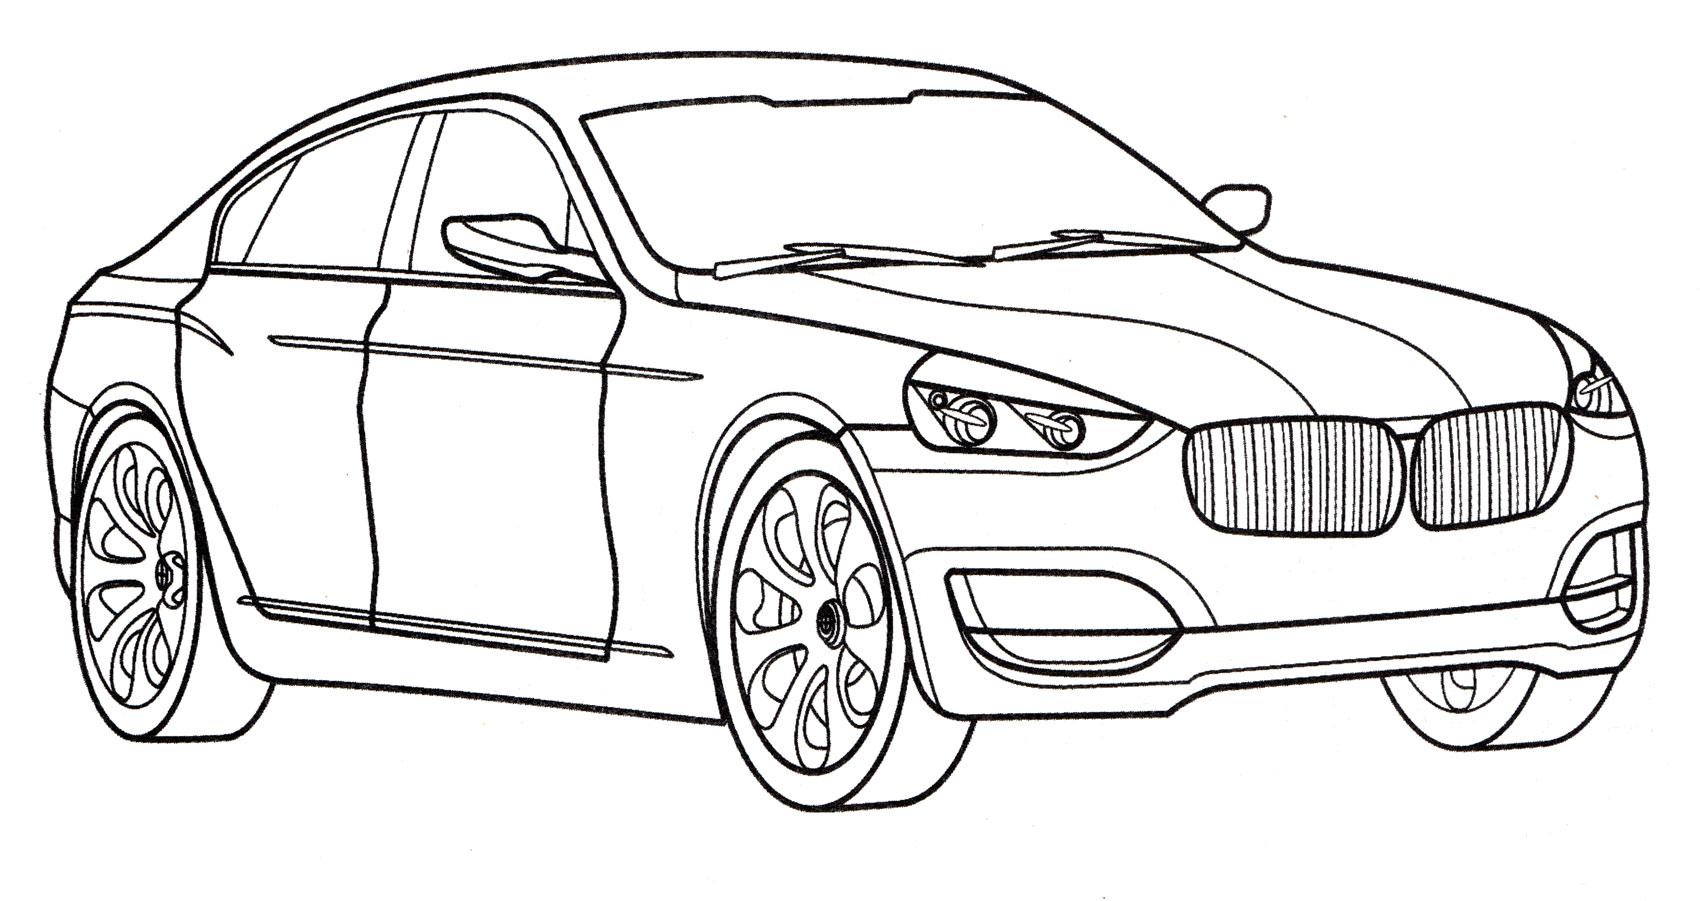 Раскраска BMW CS - распечатать бесплатно